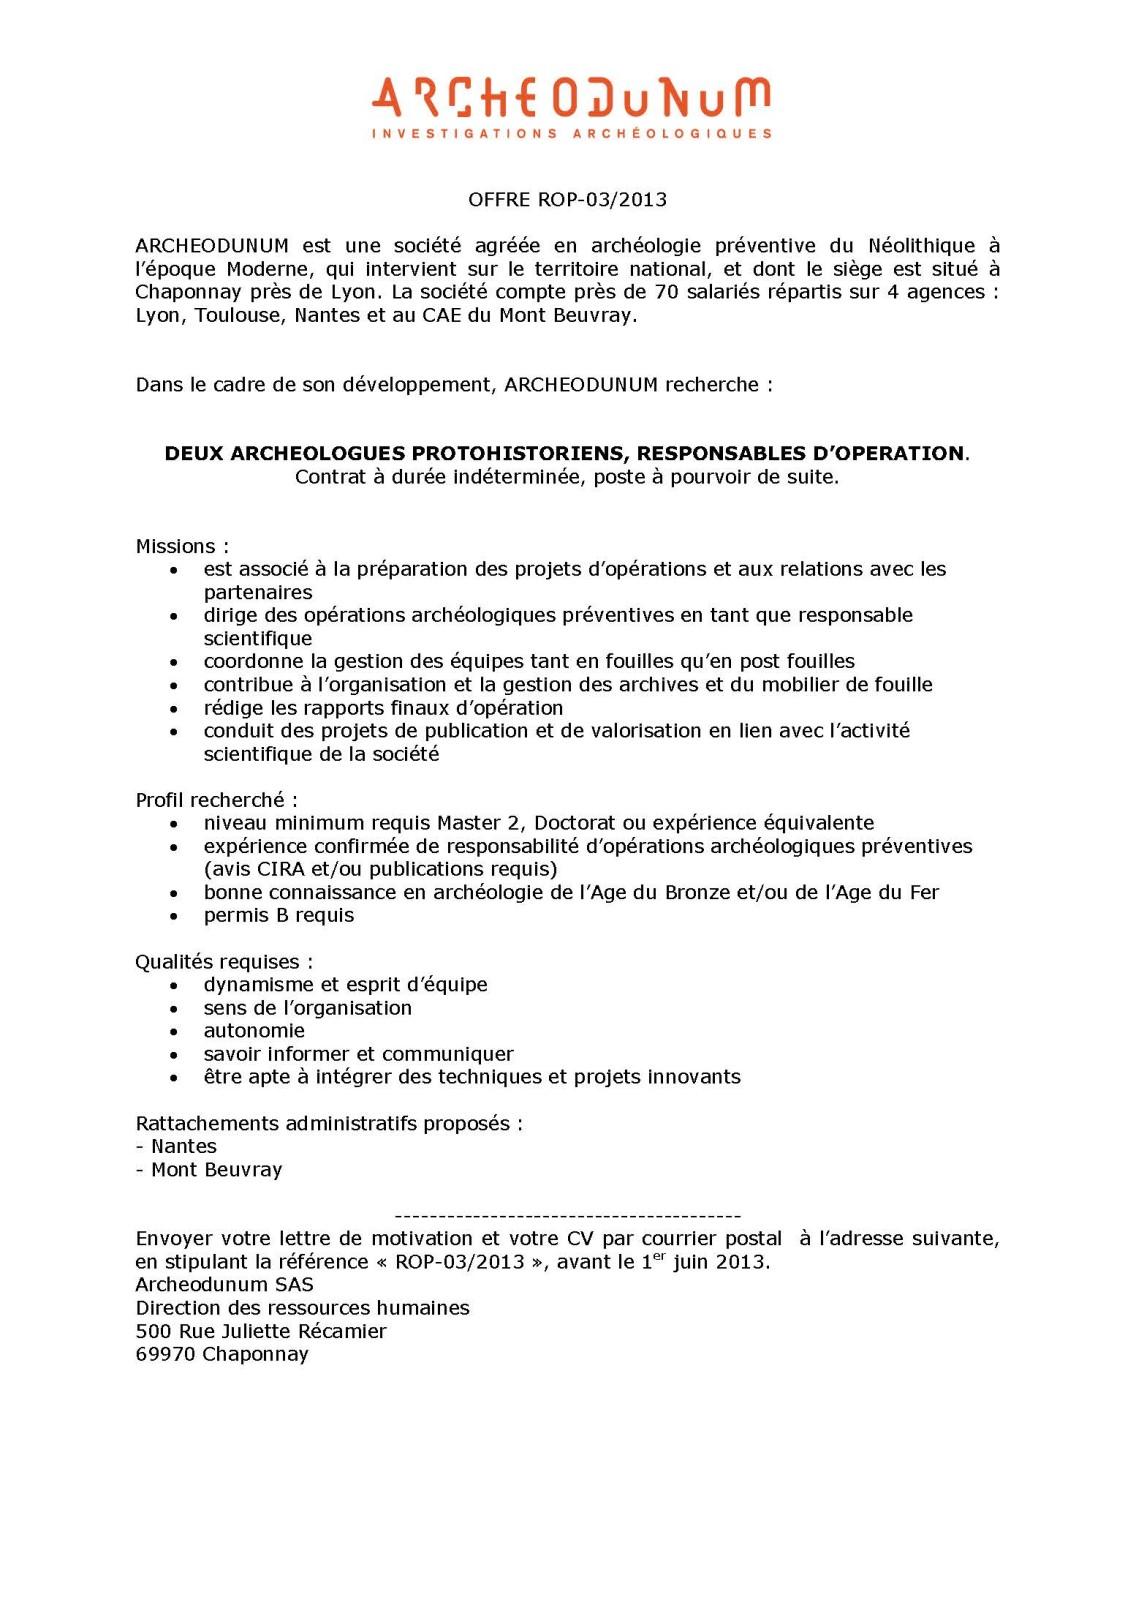 lettre de motivation master arch u00e9ologie